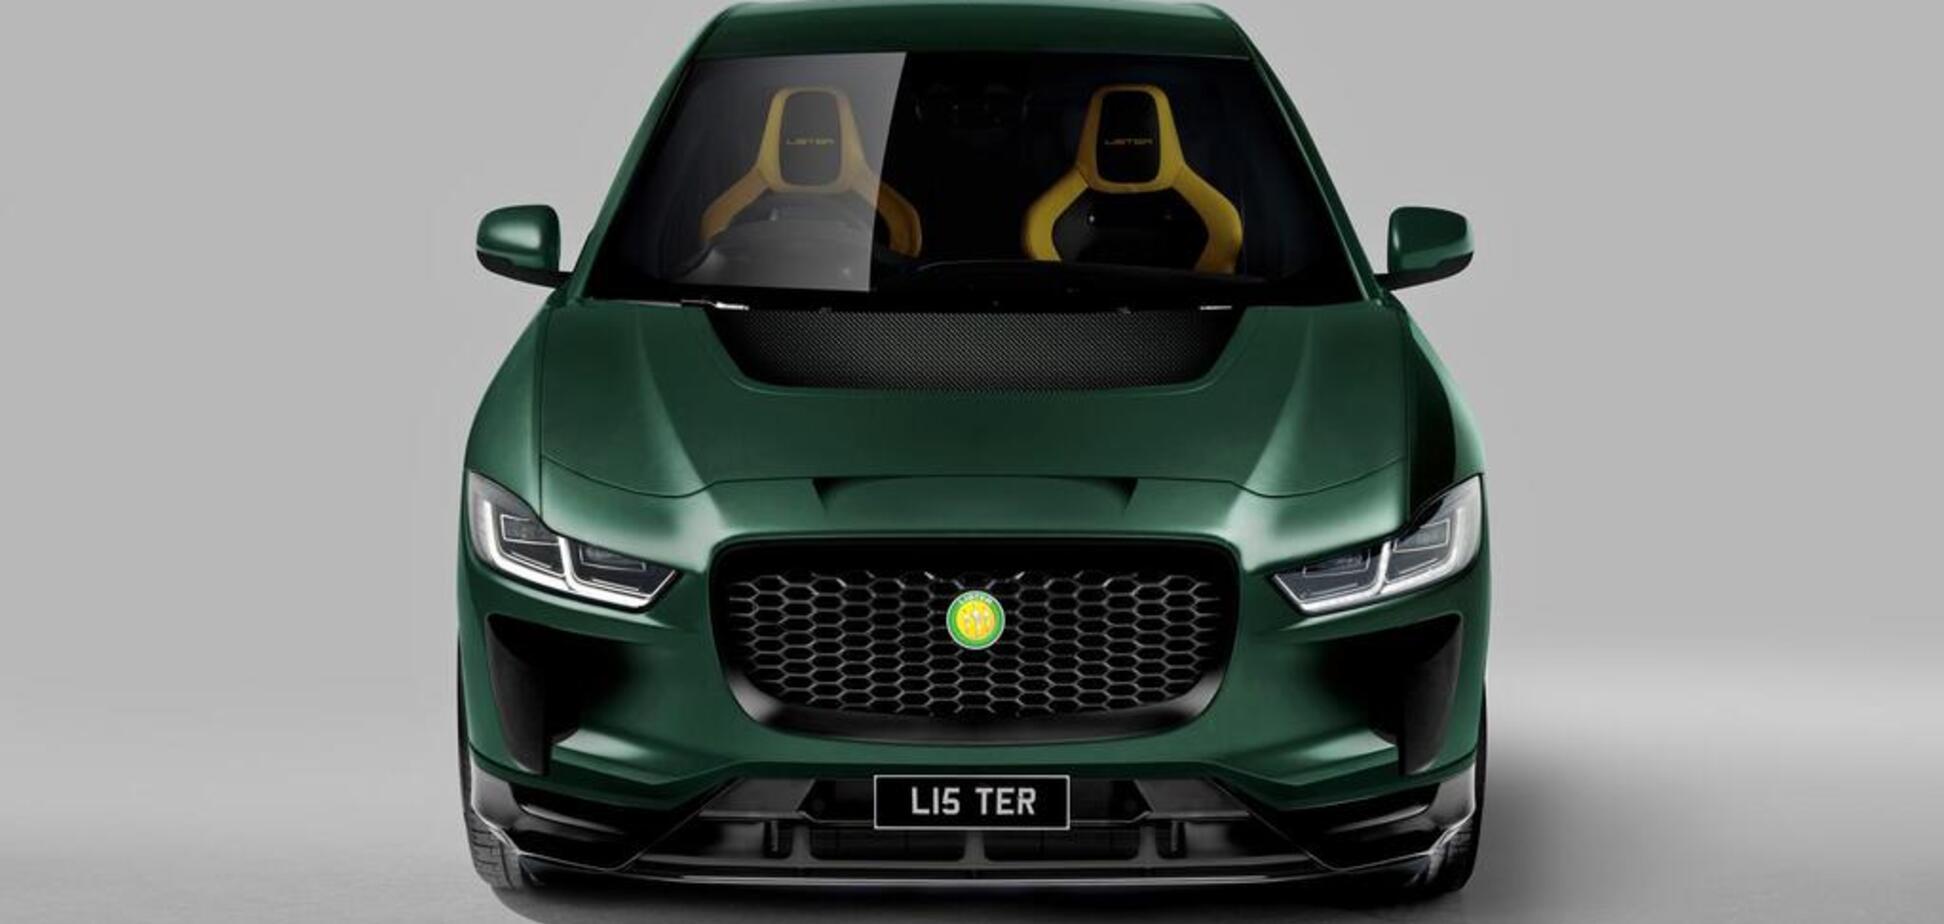 Більше швидкості, менше ваги: британські інженери 'прокачали' електрокар Jaguar